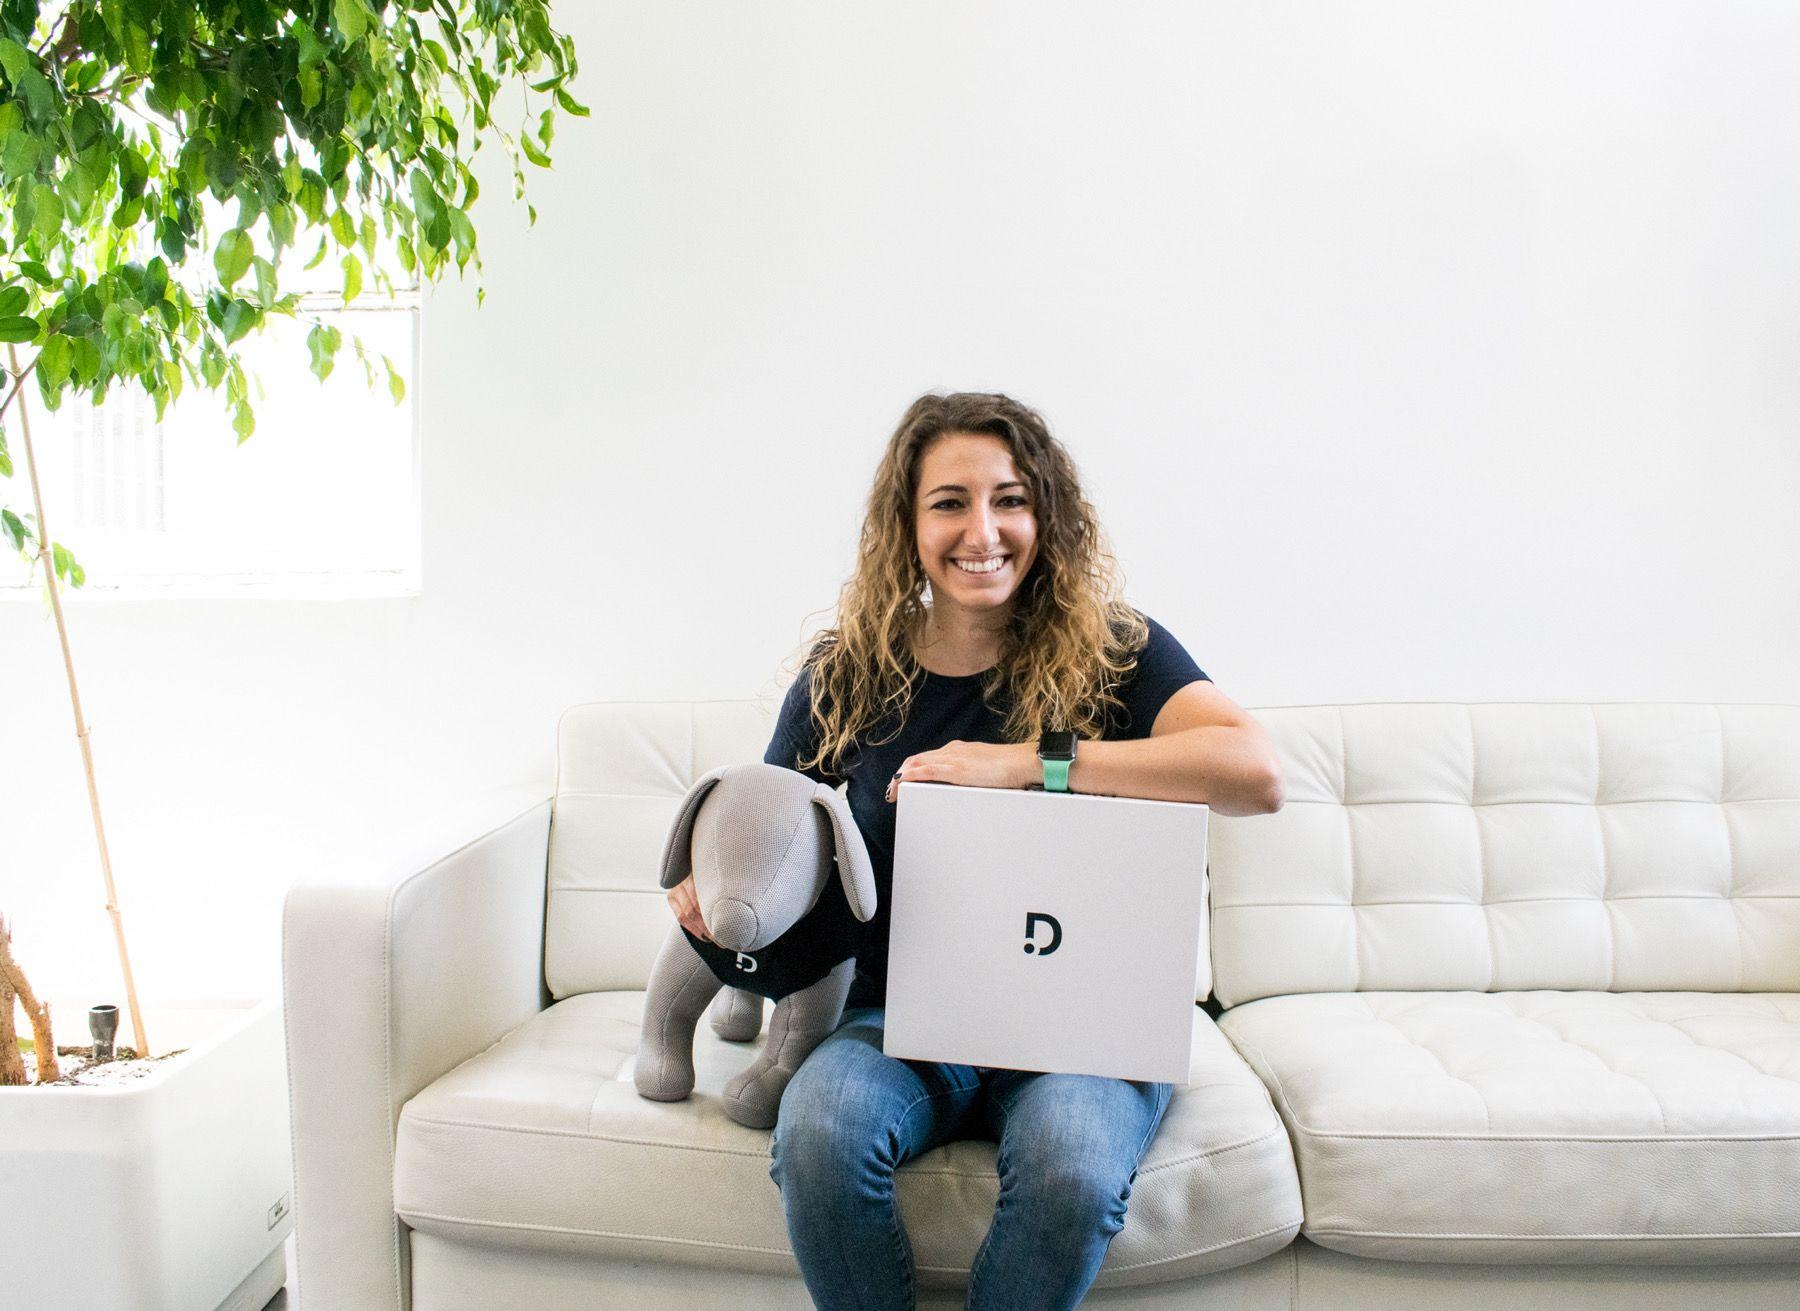 Dinbeat cierra una ronda de 500.000 euros  con el apoyo de business angels